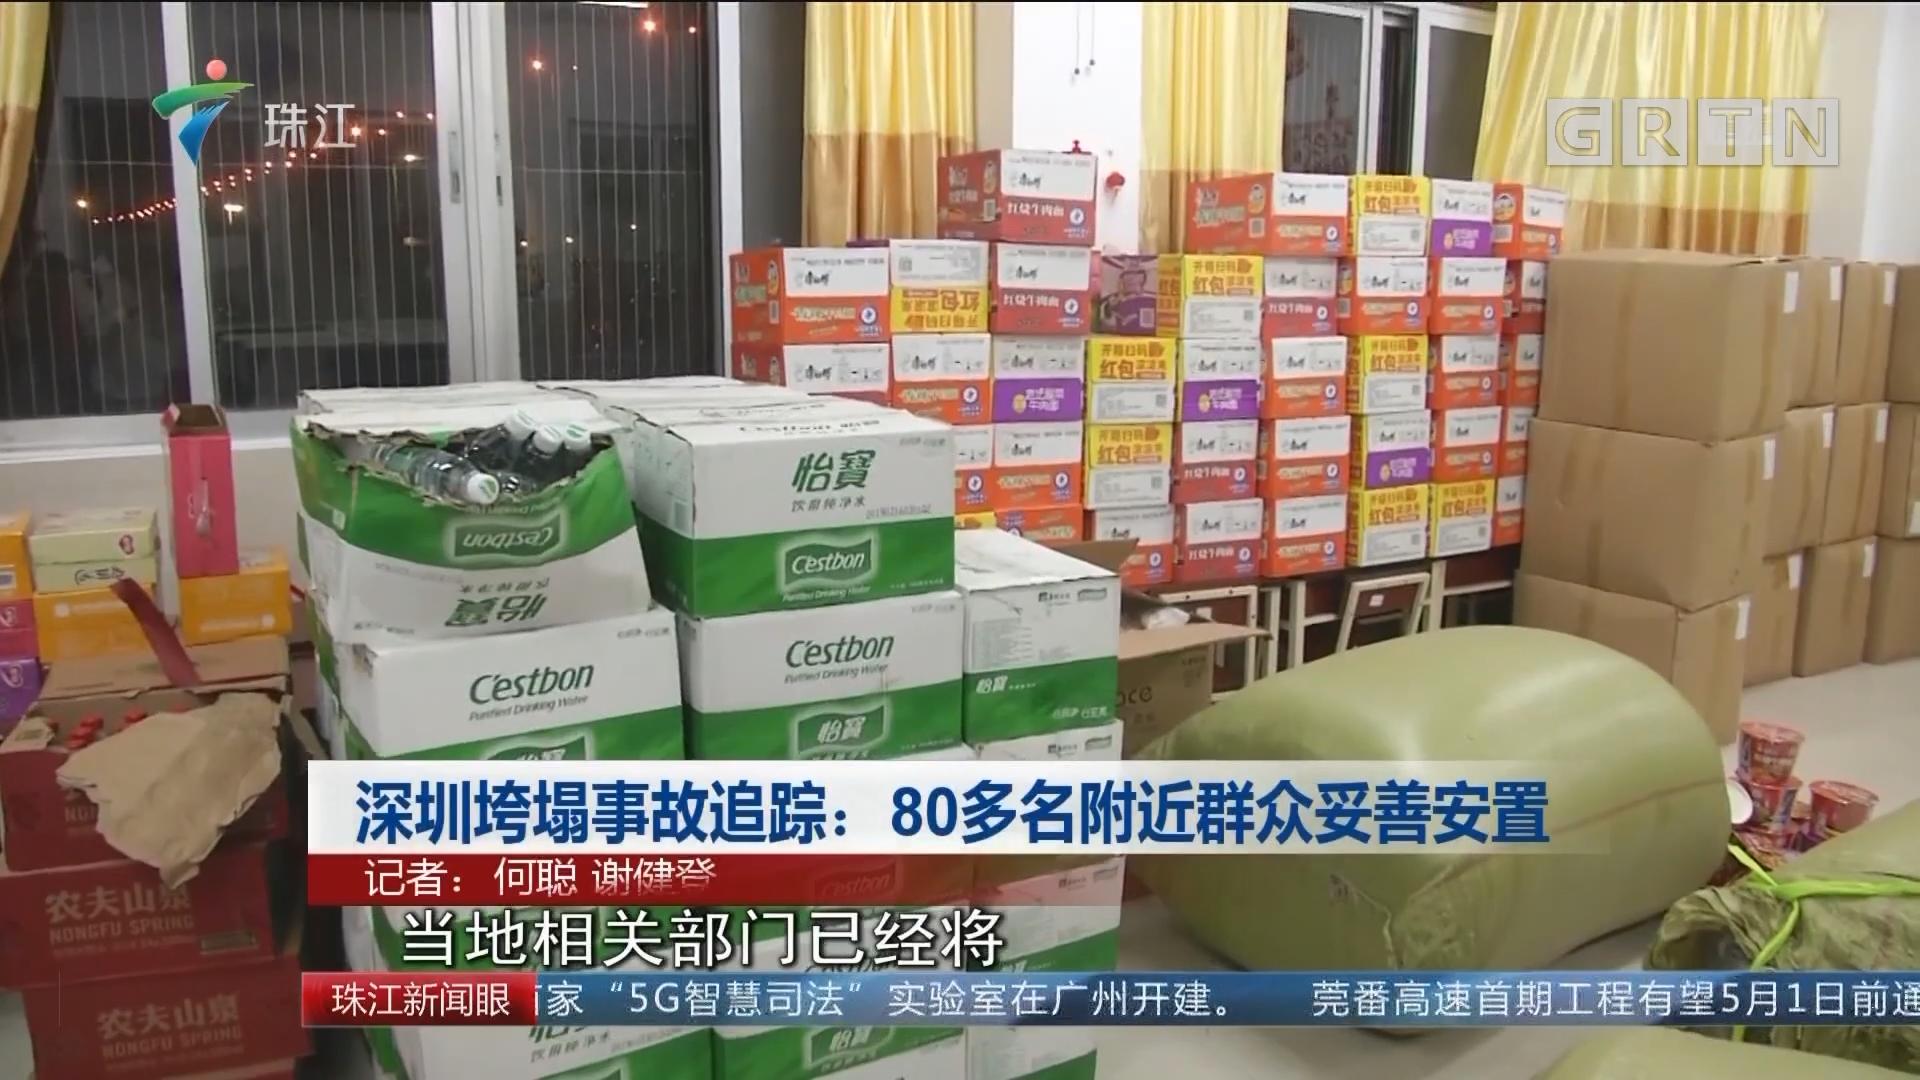 深圳垮塌事故追踪:80多名附近群众妥善安置